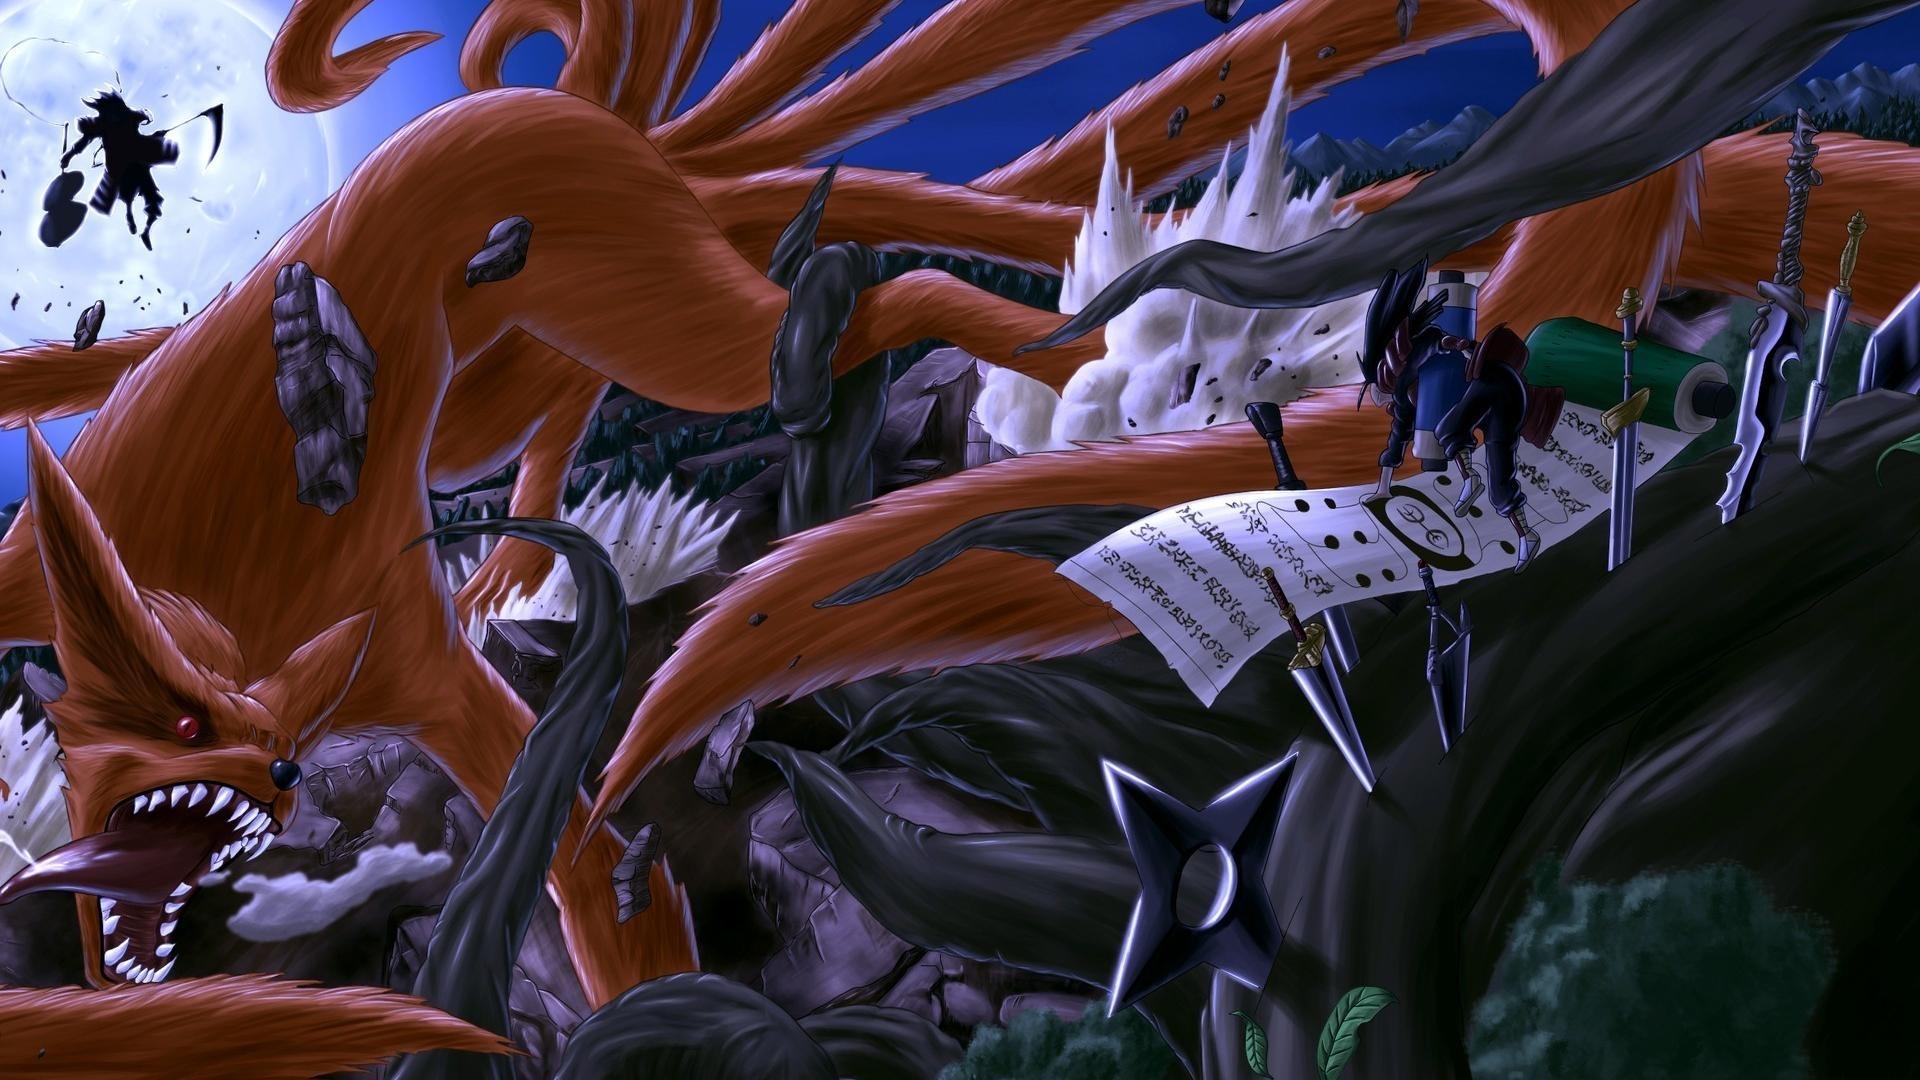 hashirama senju shuriken uchiha madara bijuu foxes wallpaper | (74339)